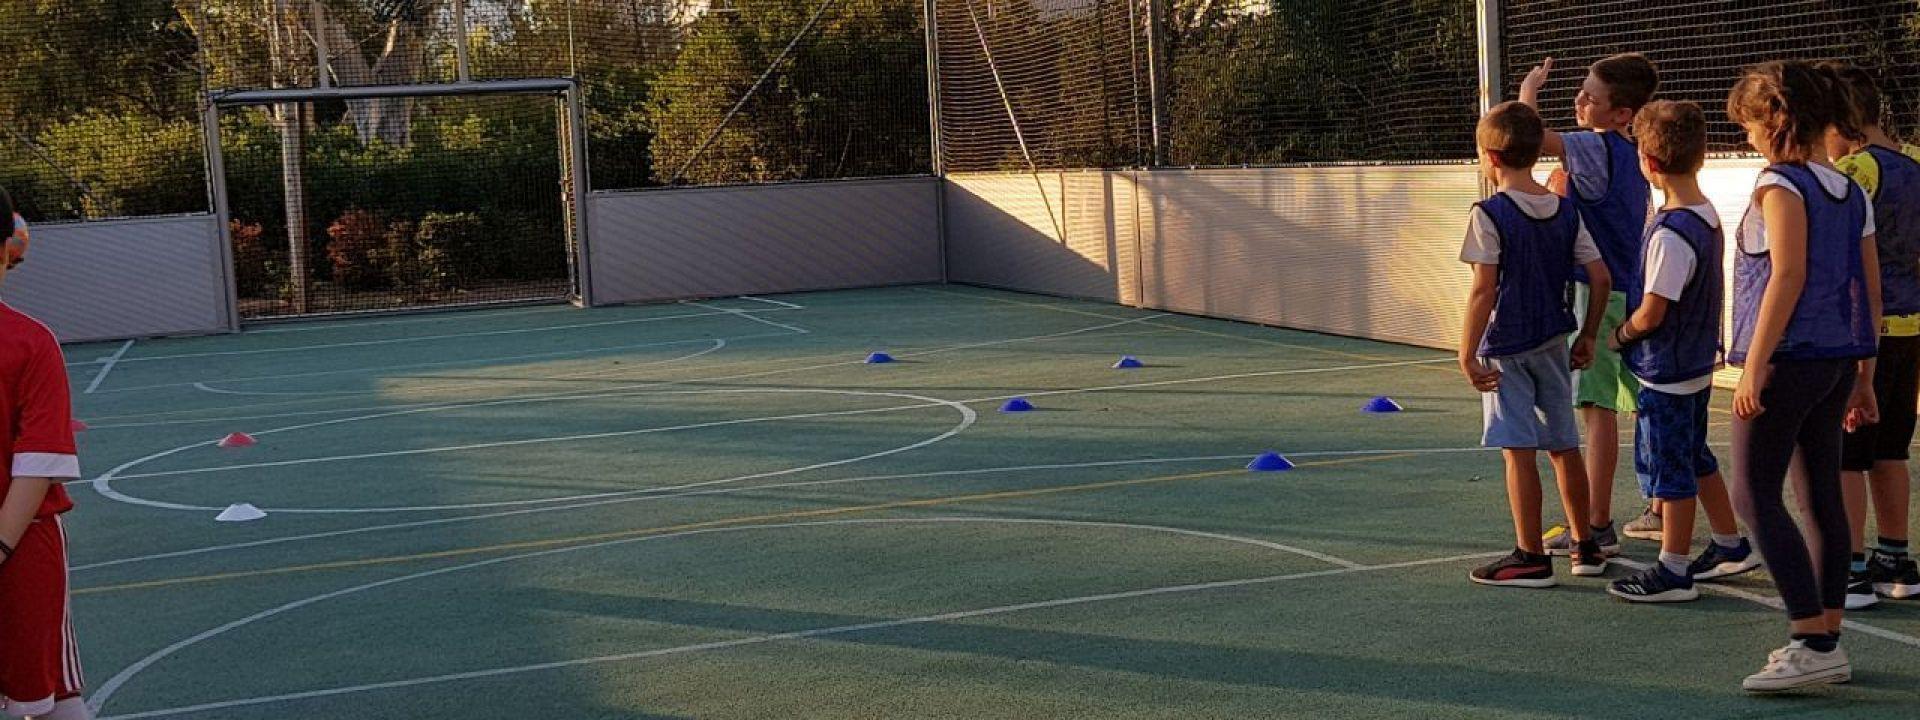 Φωτογραφία που απεικονίζει παιδιά να παίζουν ποδόσφαιρο